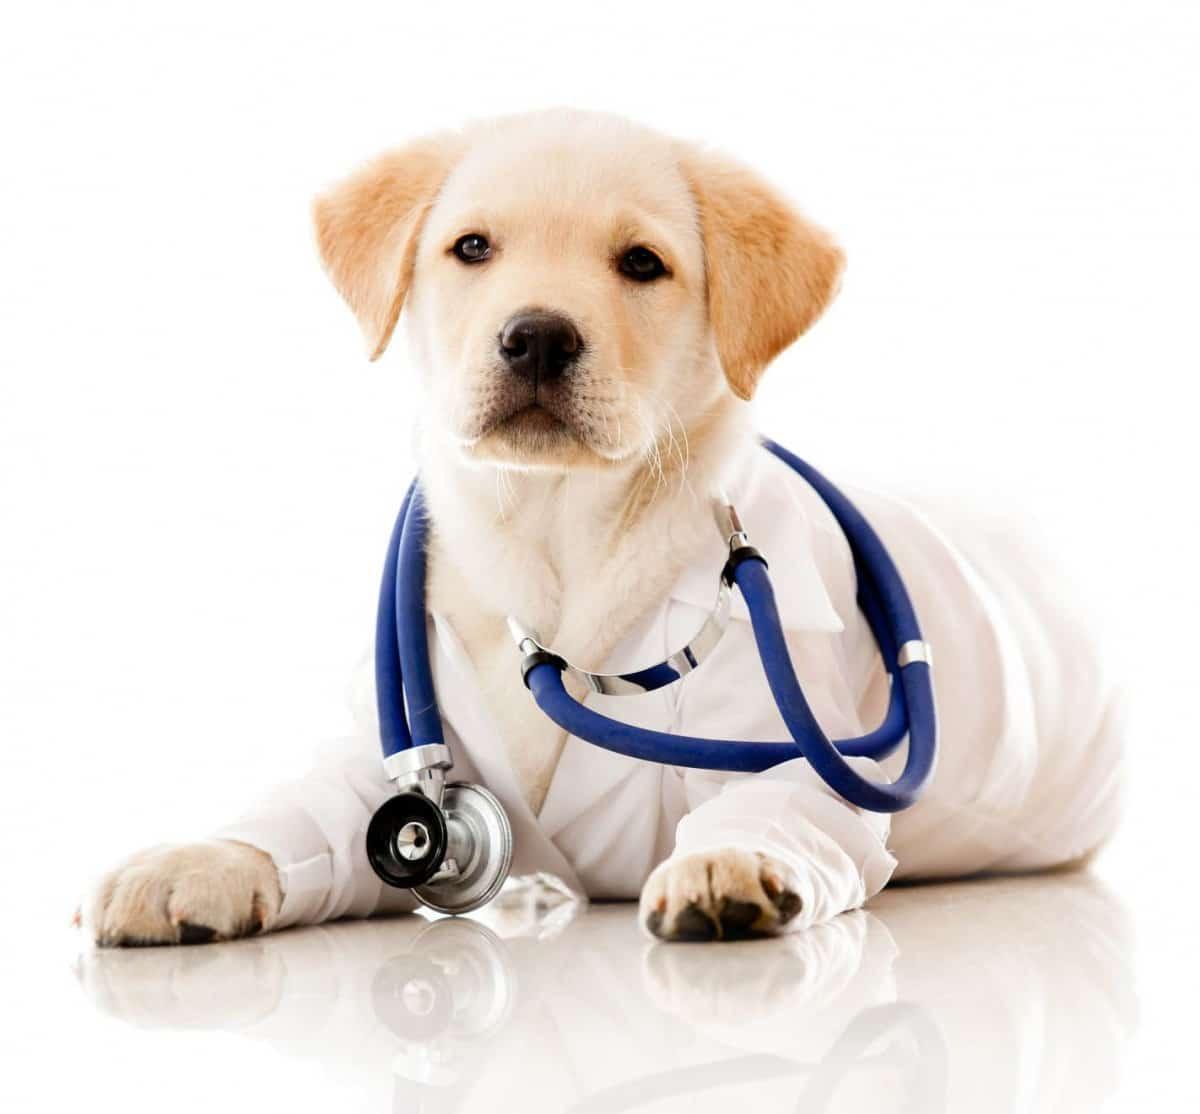 Quali malattie possono fiutare i cani?